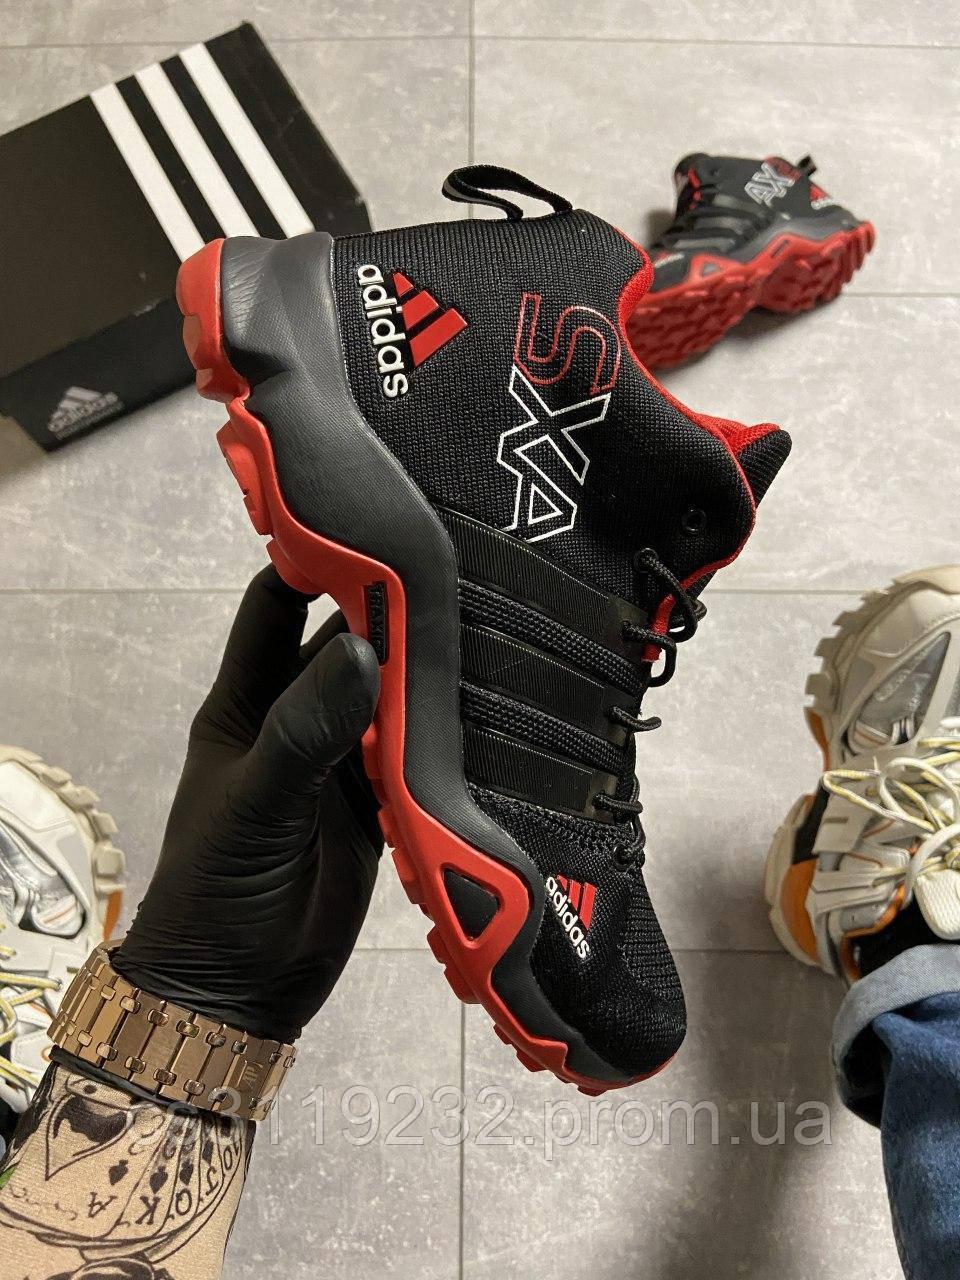 Мужские кроссовки Adidas Terrex SXA Black/Red (черные)